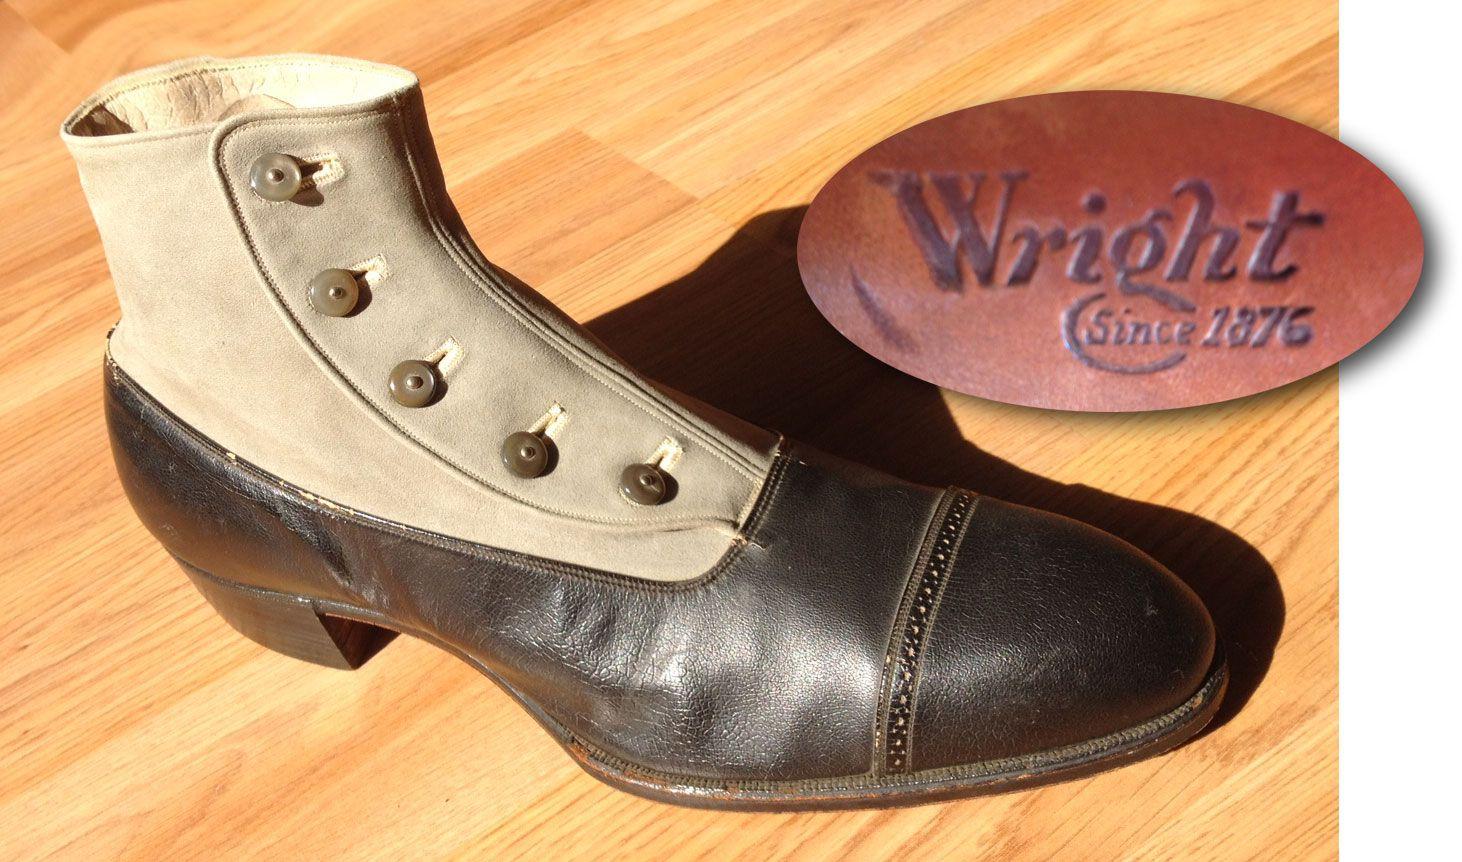 1920s-shoeseum-mens-5-button-captoe-shoe-wright-brand1.jpg 1462×862 pikseliä